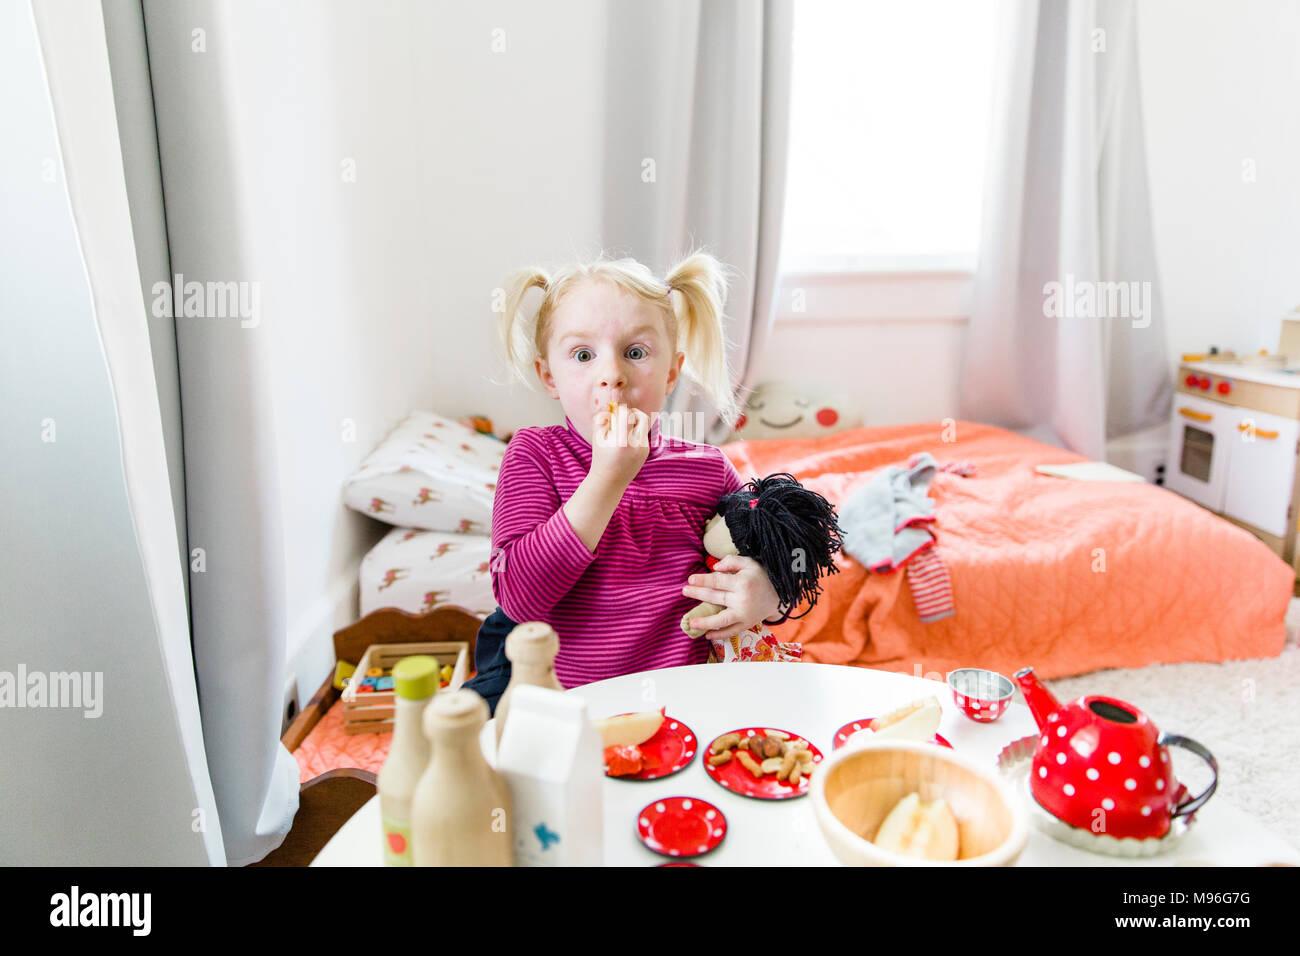 Mädchen mit Puppe sitzend am Tisch essen Stockbild